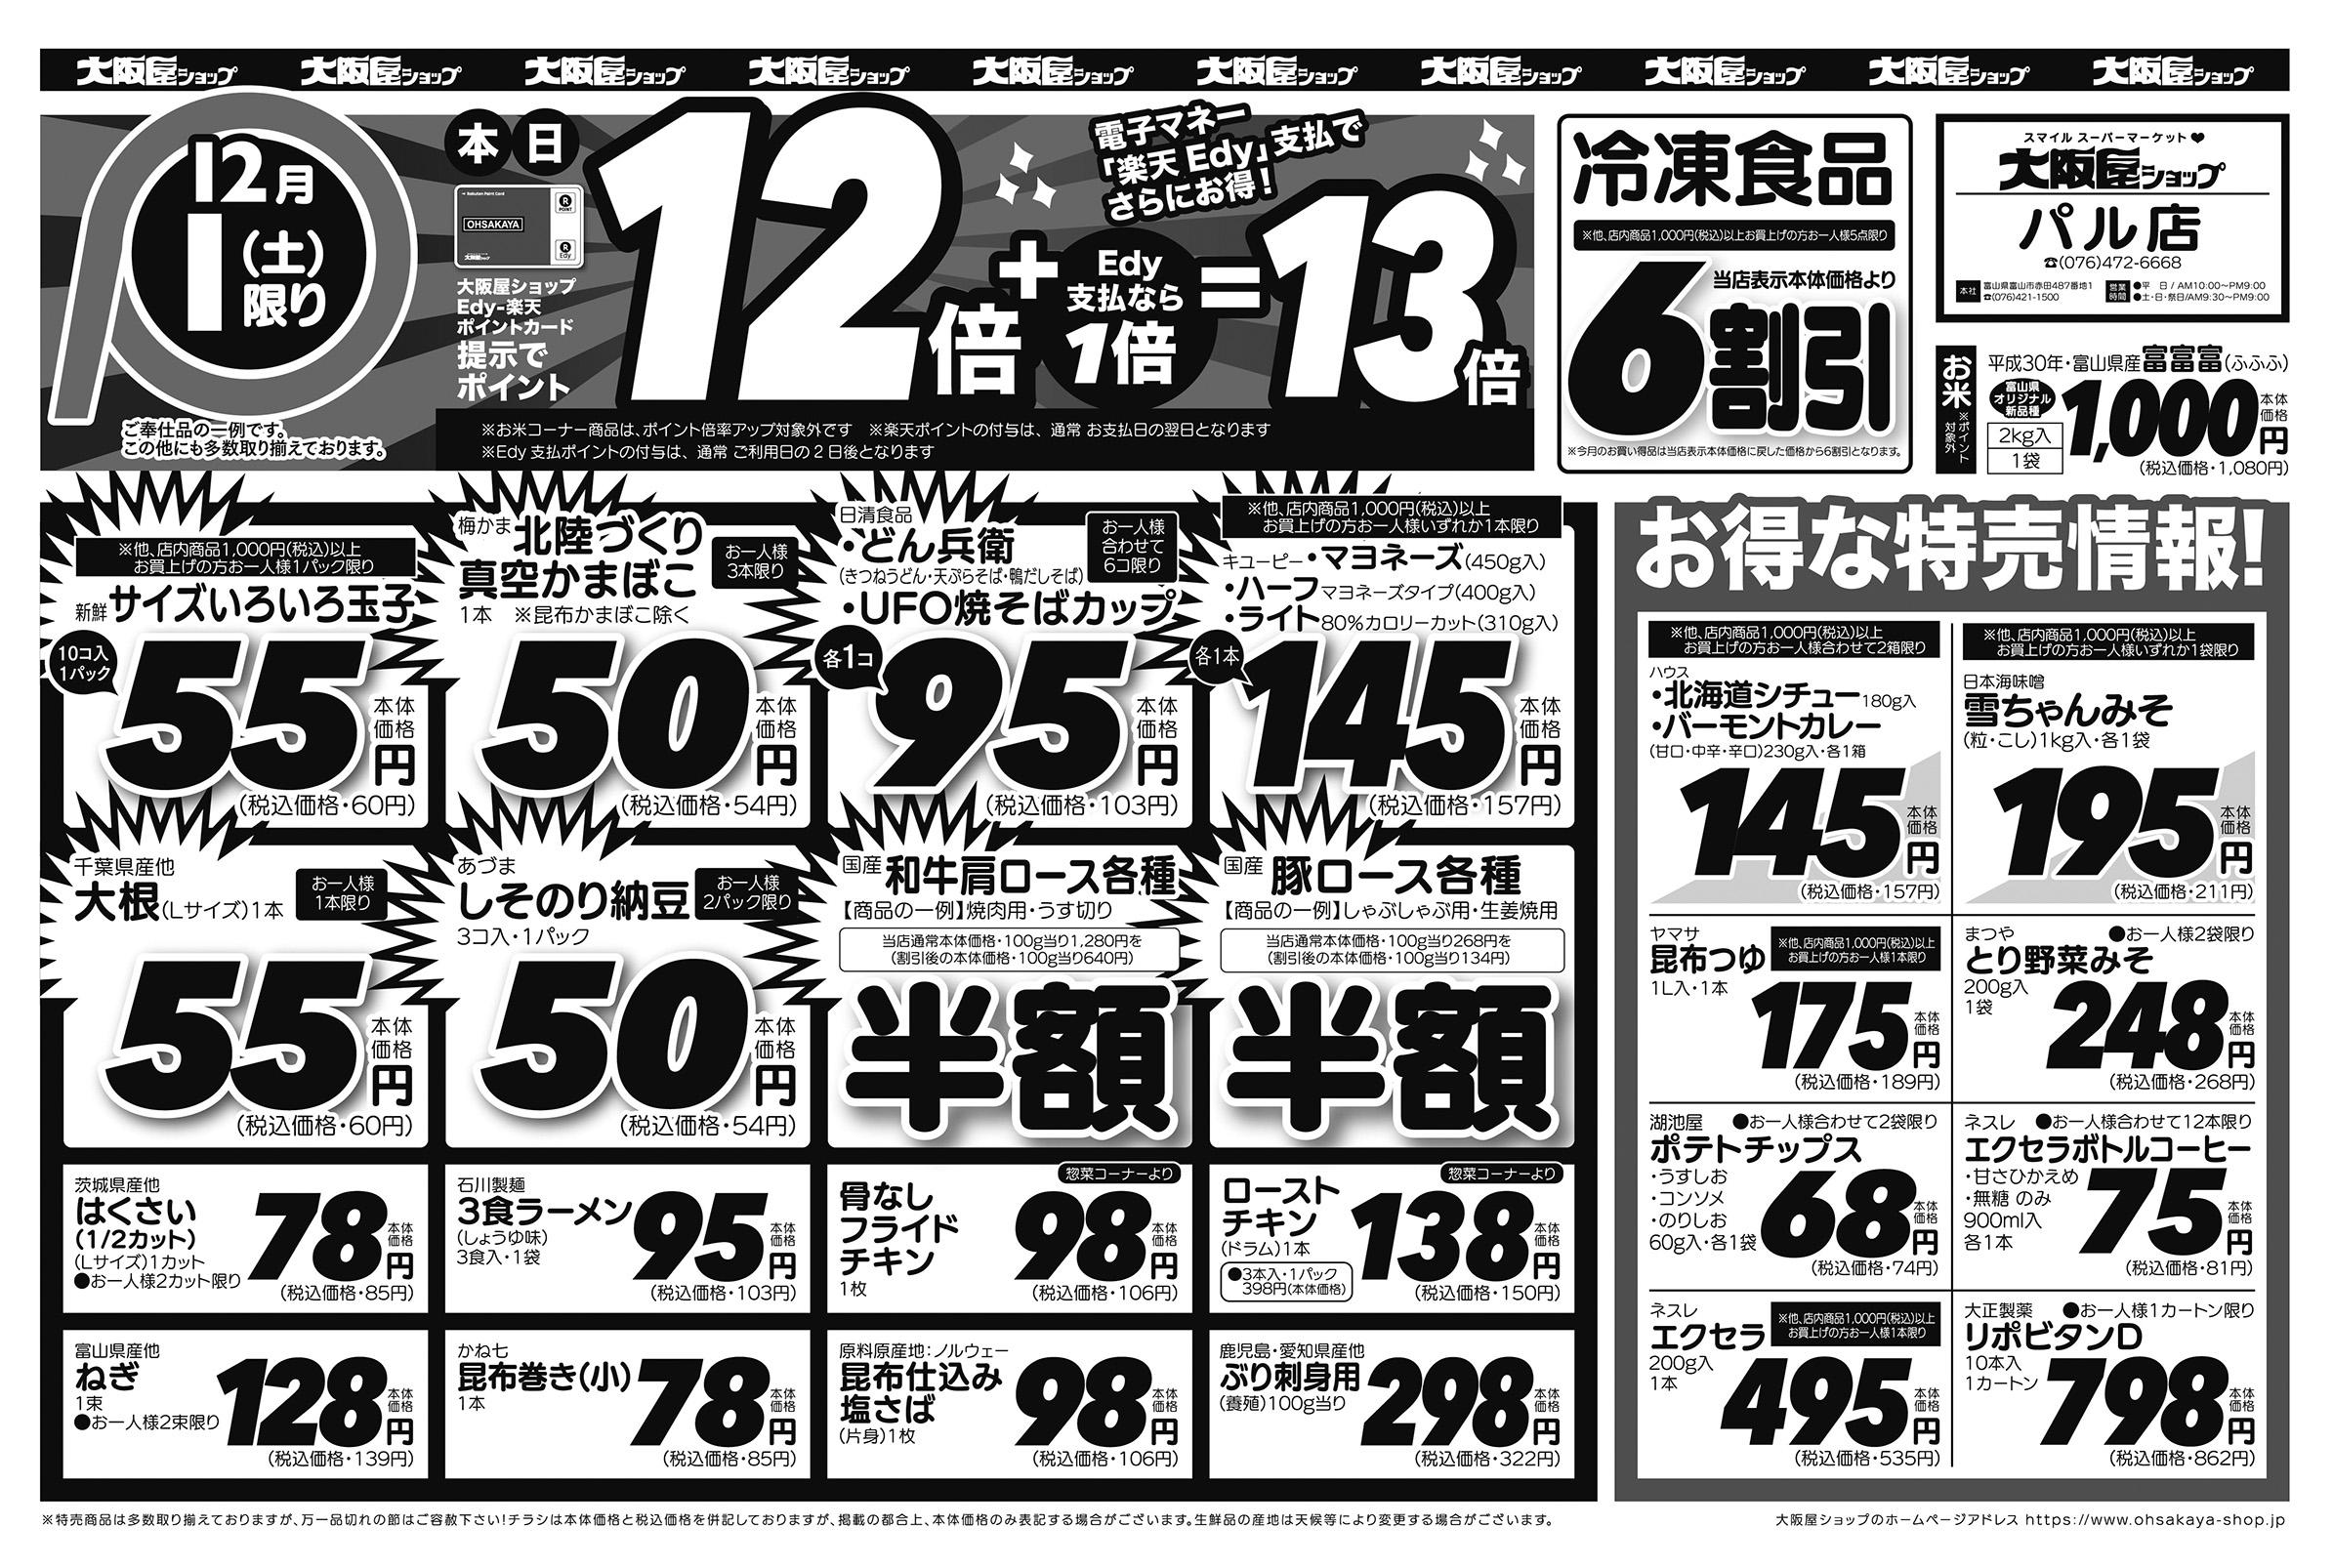 paru1201大阪屋(D4)